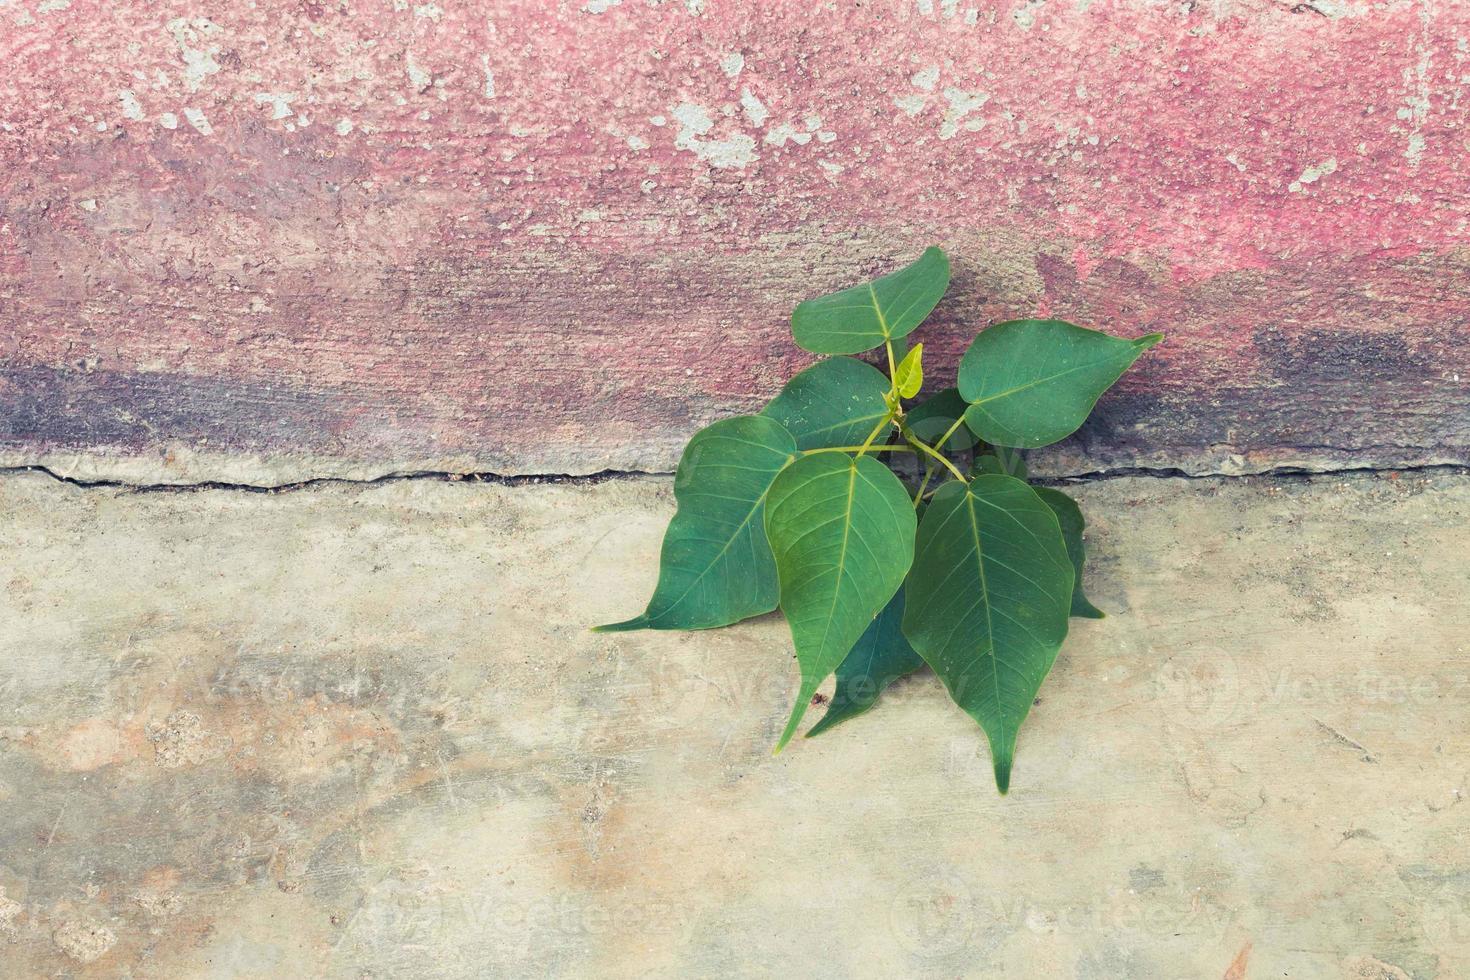 albero che cresce in calcestruzzo foto